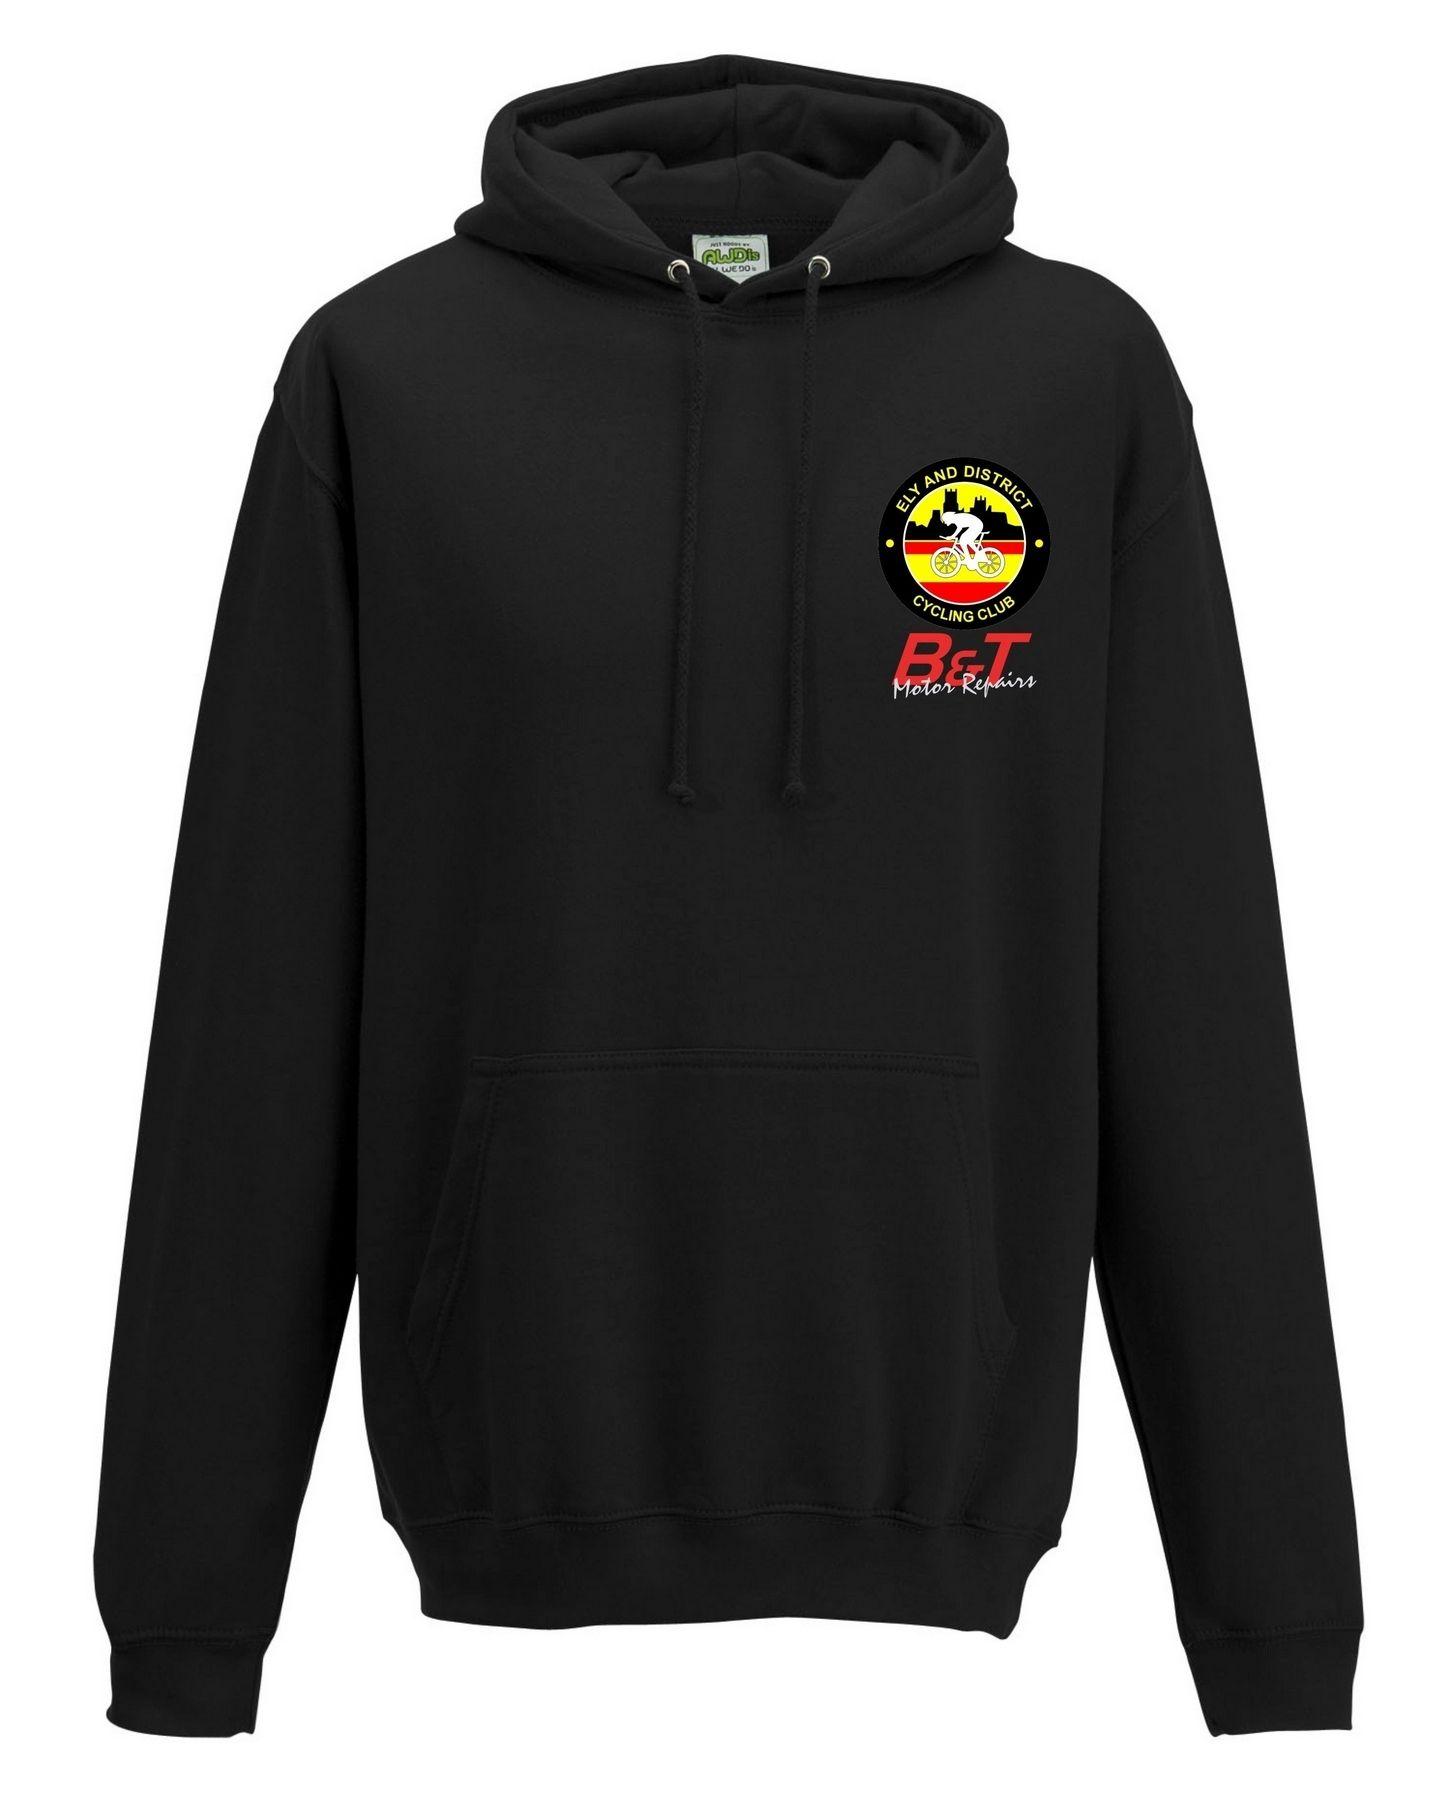 EDCC – College Hoodie in Black